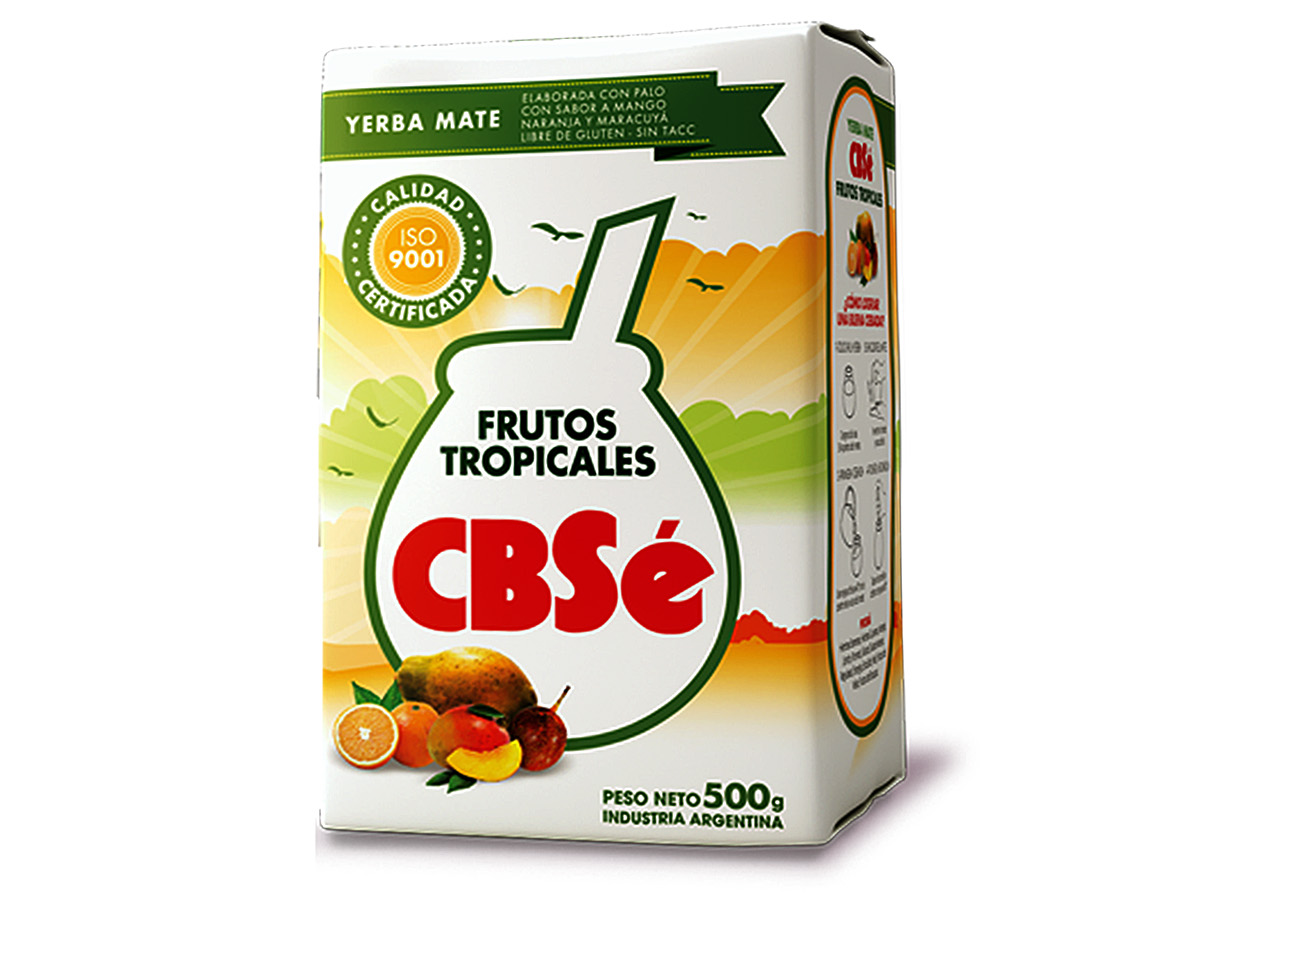 Купить Yerba МАТЕ Cbse Frutos Tropicales 500Г МАНГО ФРУКТЫ на Eurozakup - цены и фото - доставка из Польши и стран Европы в Украину.